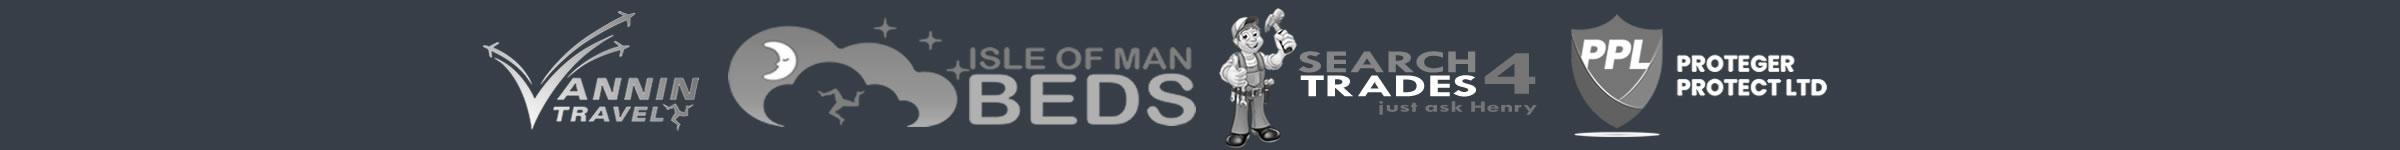 logo-banner-2